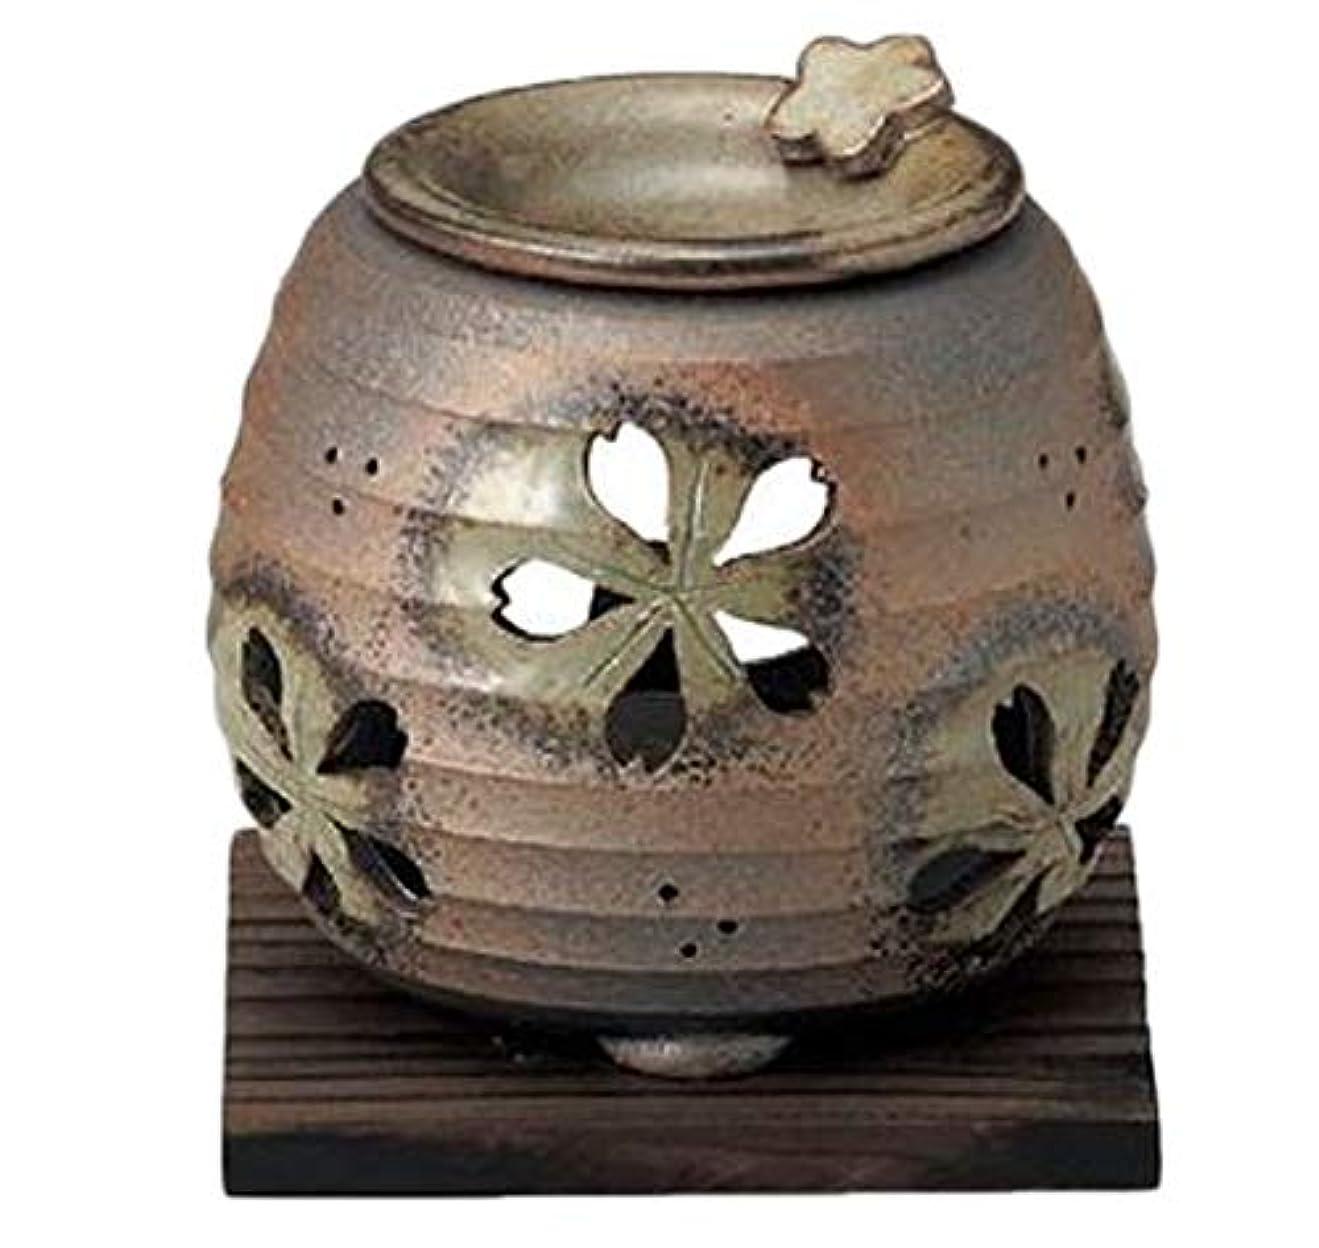 たっぷりくるみ成功常滑焼 6-249 石龍緑灰釉桜透かし茶香炉 石龍φ11×H11㎝